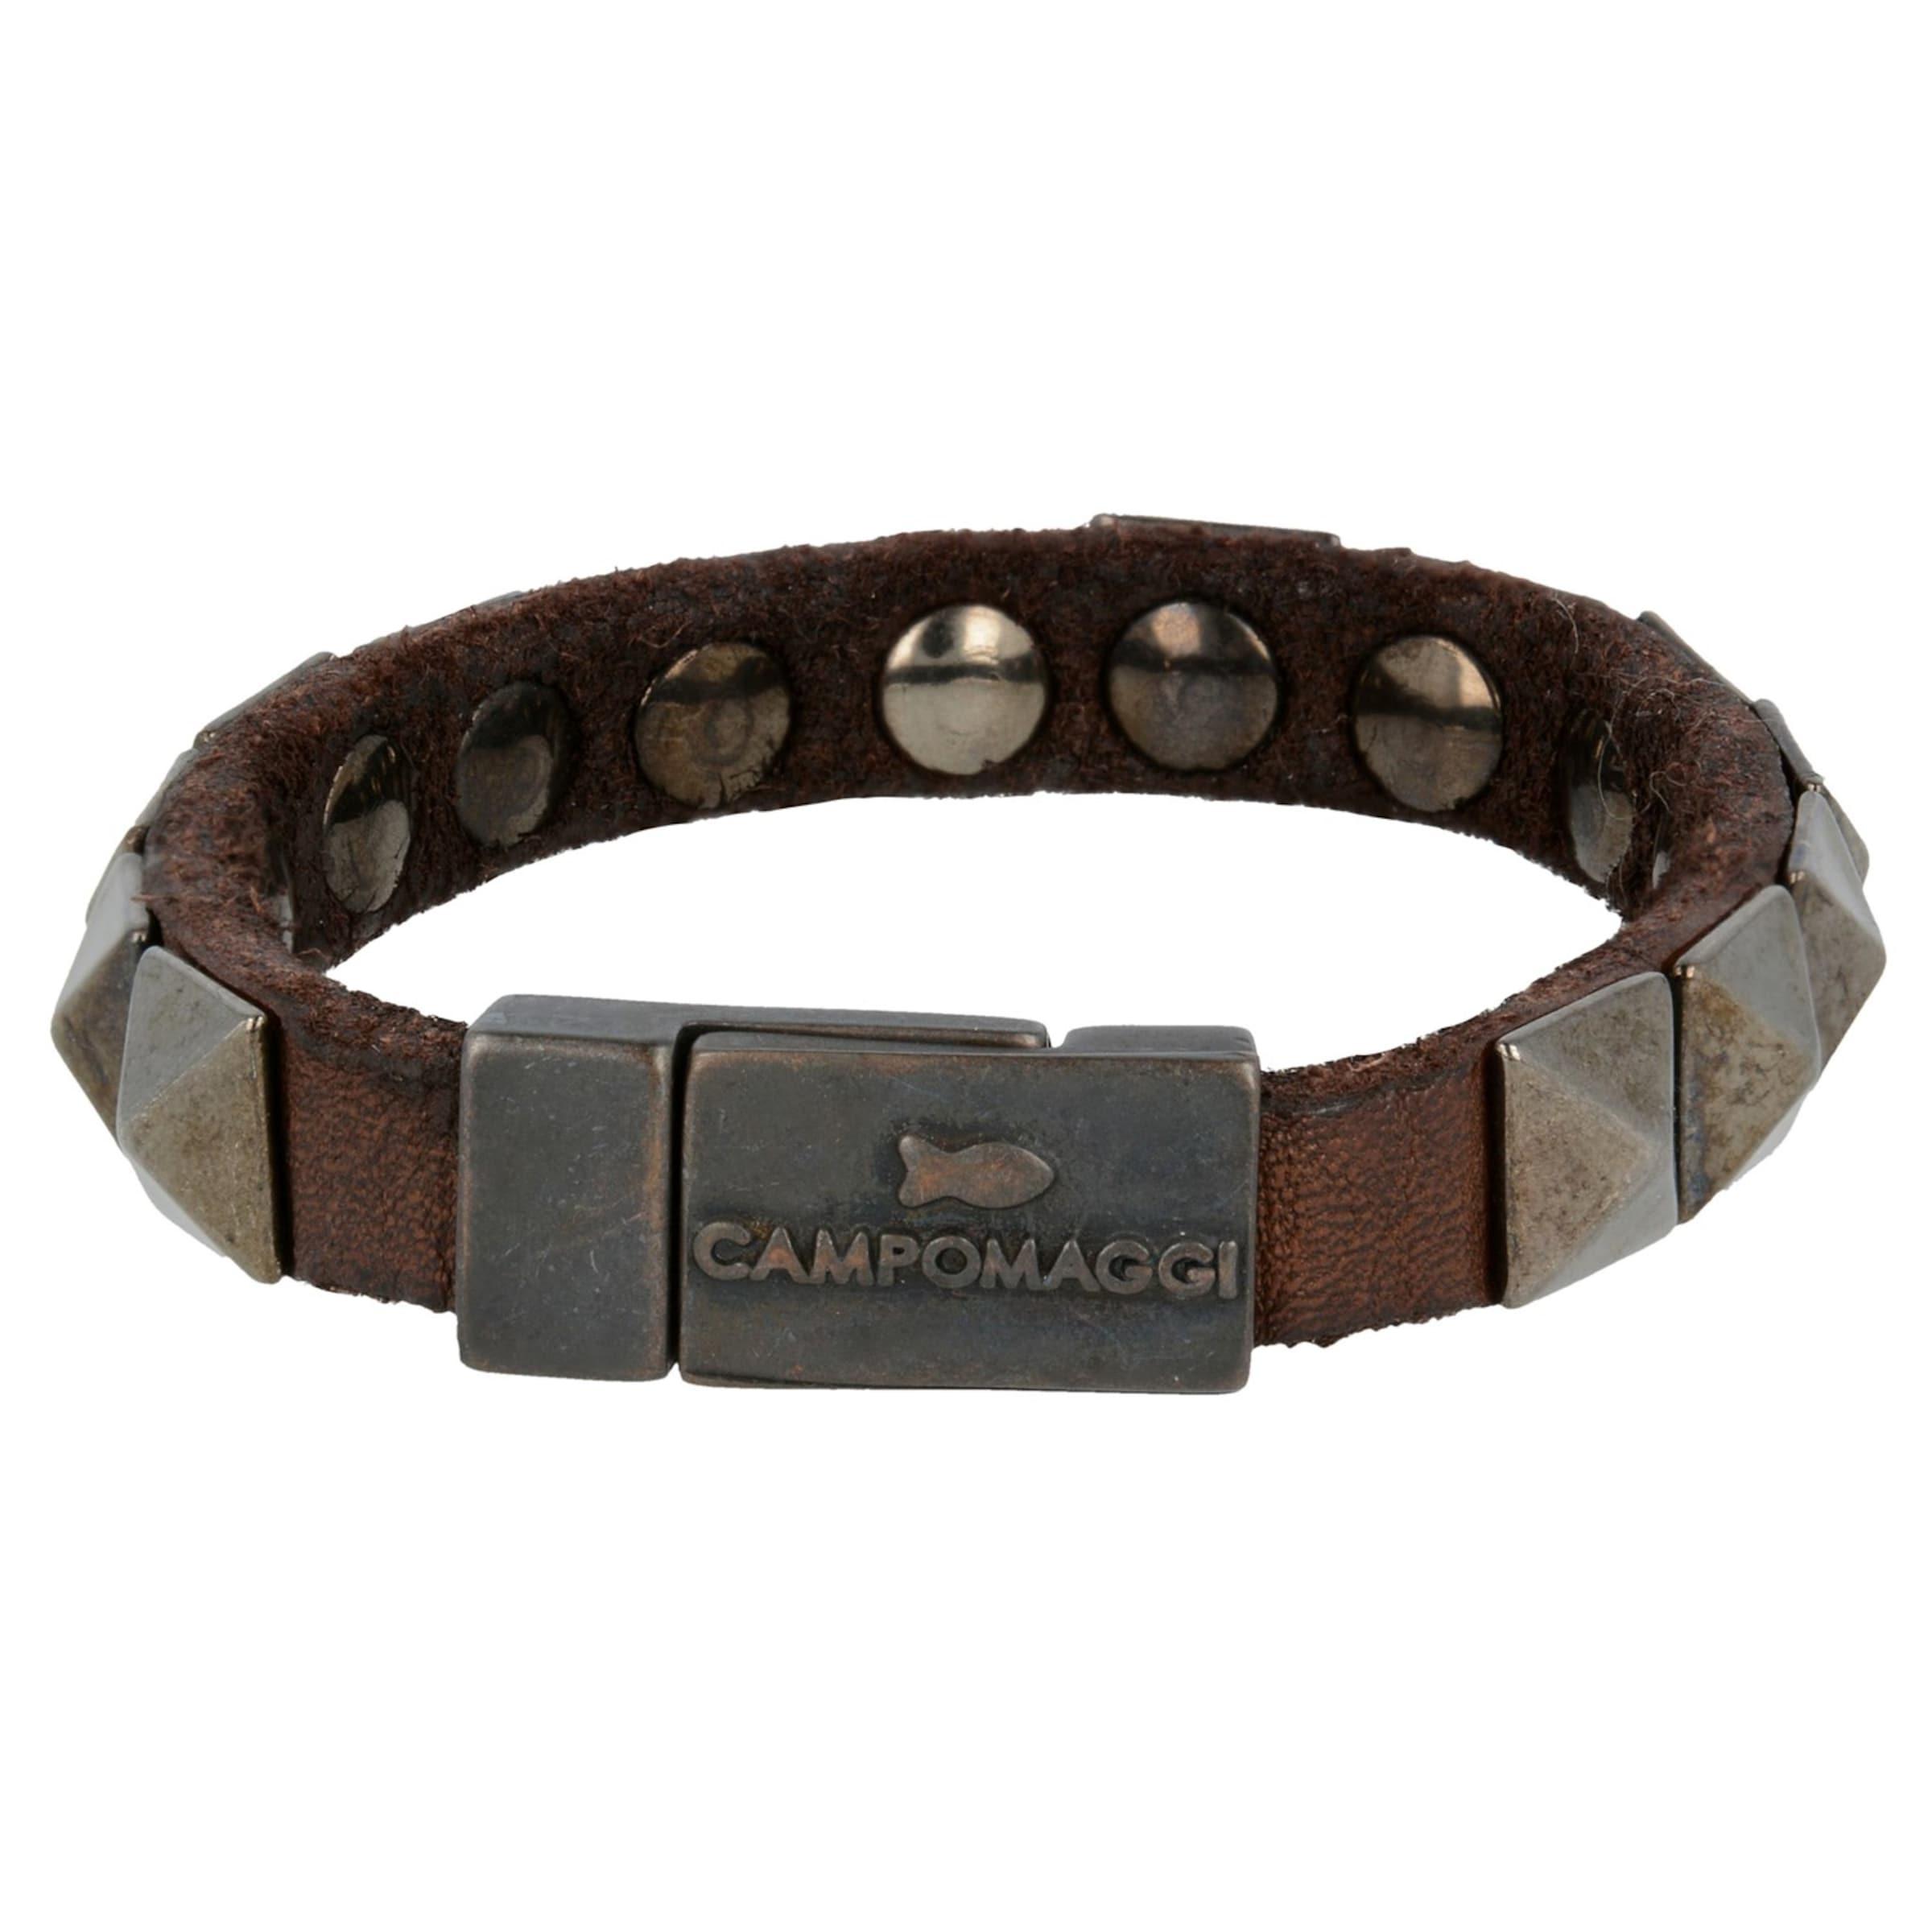 Authentisch 2018 Neu Zu Verkaufen Campomaggi Bracciali Armband Leder 20 cm Sexy Sport Online-Shopping Günstigen Preis Verkauf Erhalten Zu Kaufen eQCnmnH78